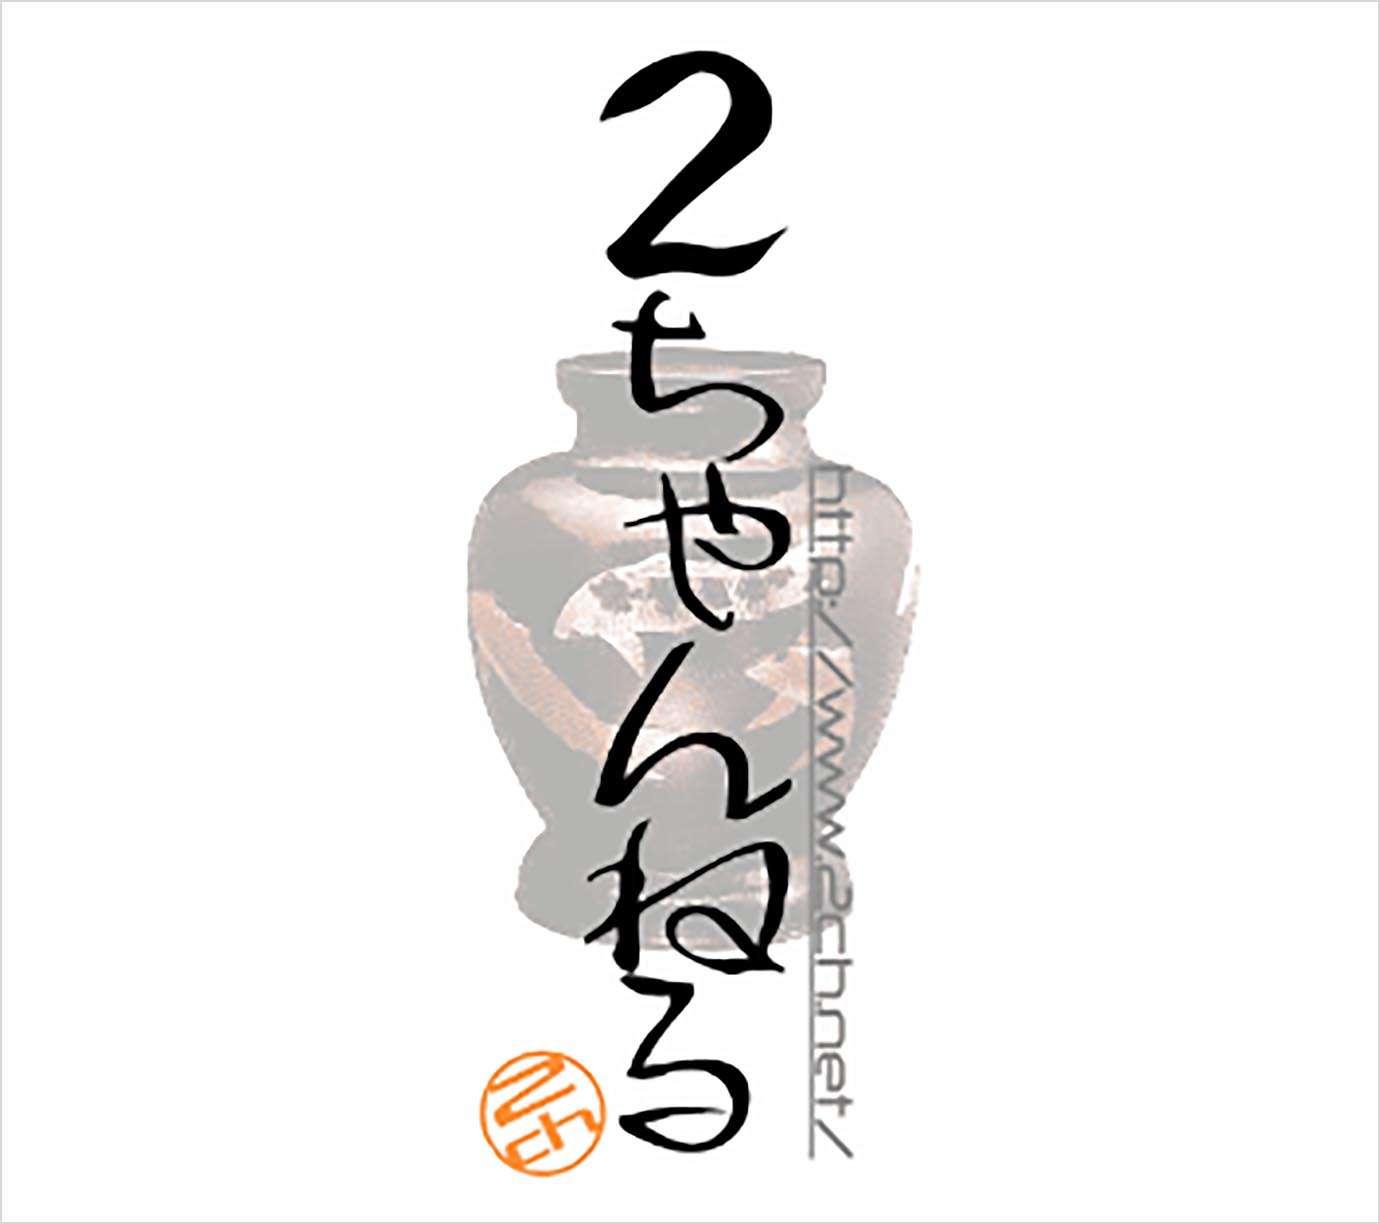 【朗報】乗っ取られた「2ちゃんねる」が西村博之氏のもとに戻る / 東京地裁で原告・西村博之氏の全面勝訴   バズプラスニュース Buzz+